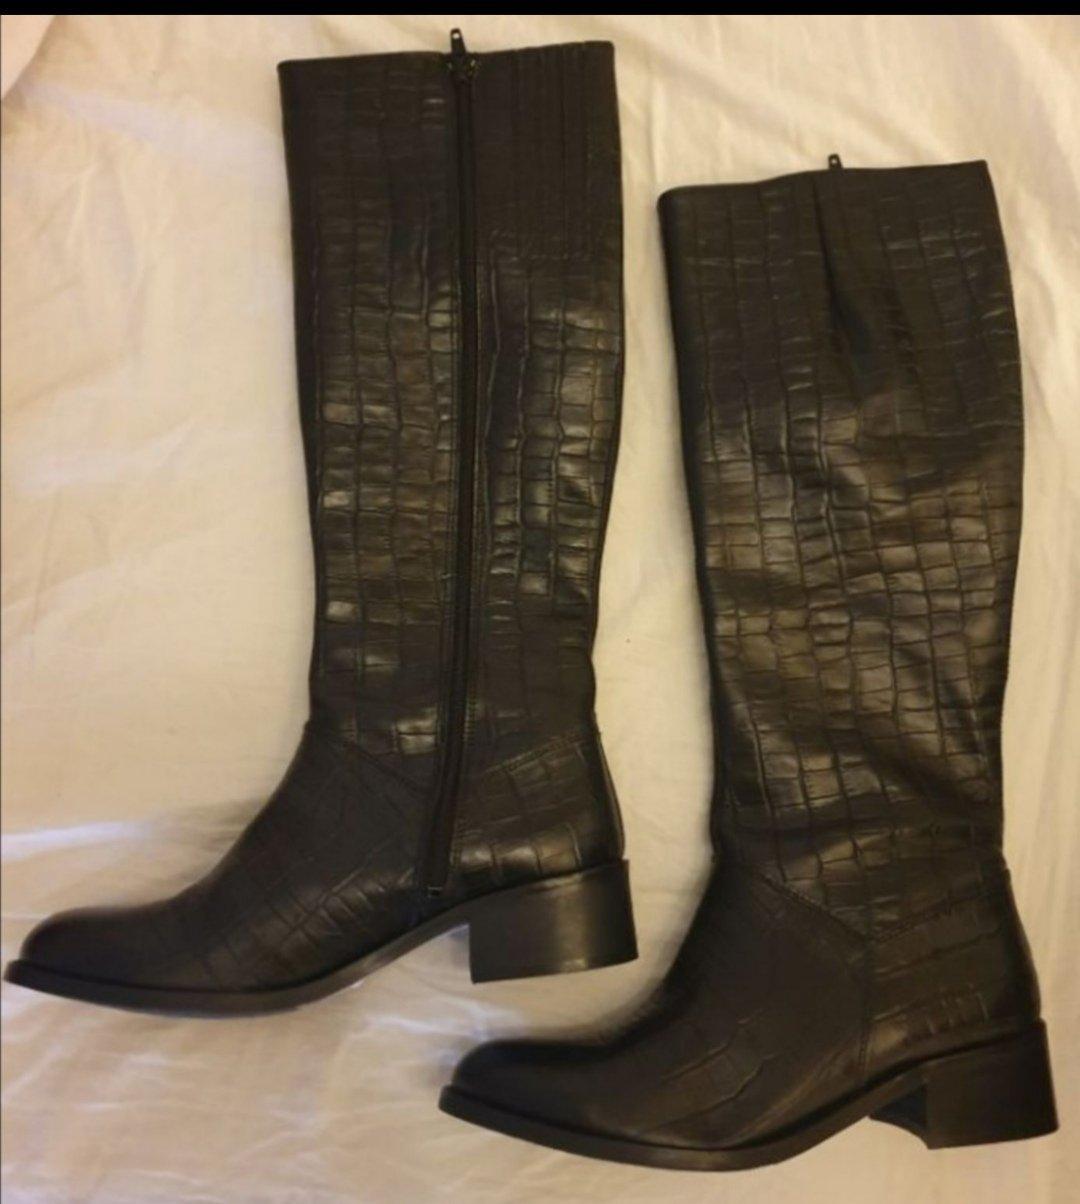 Bianco boots, stövlar storlek 38 (385494433) ᐈ Köp på Tradera